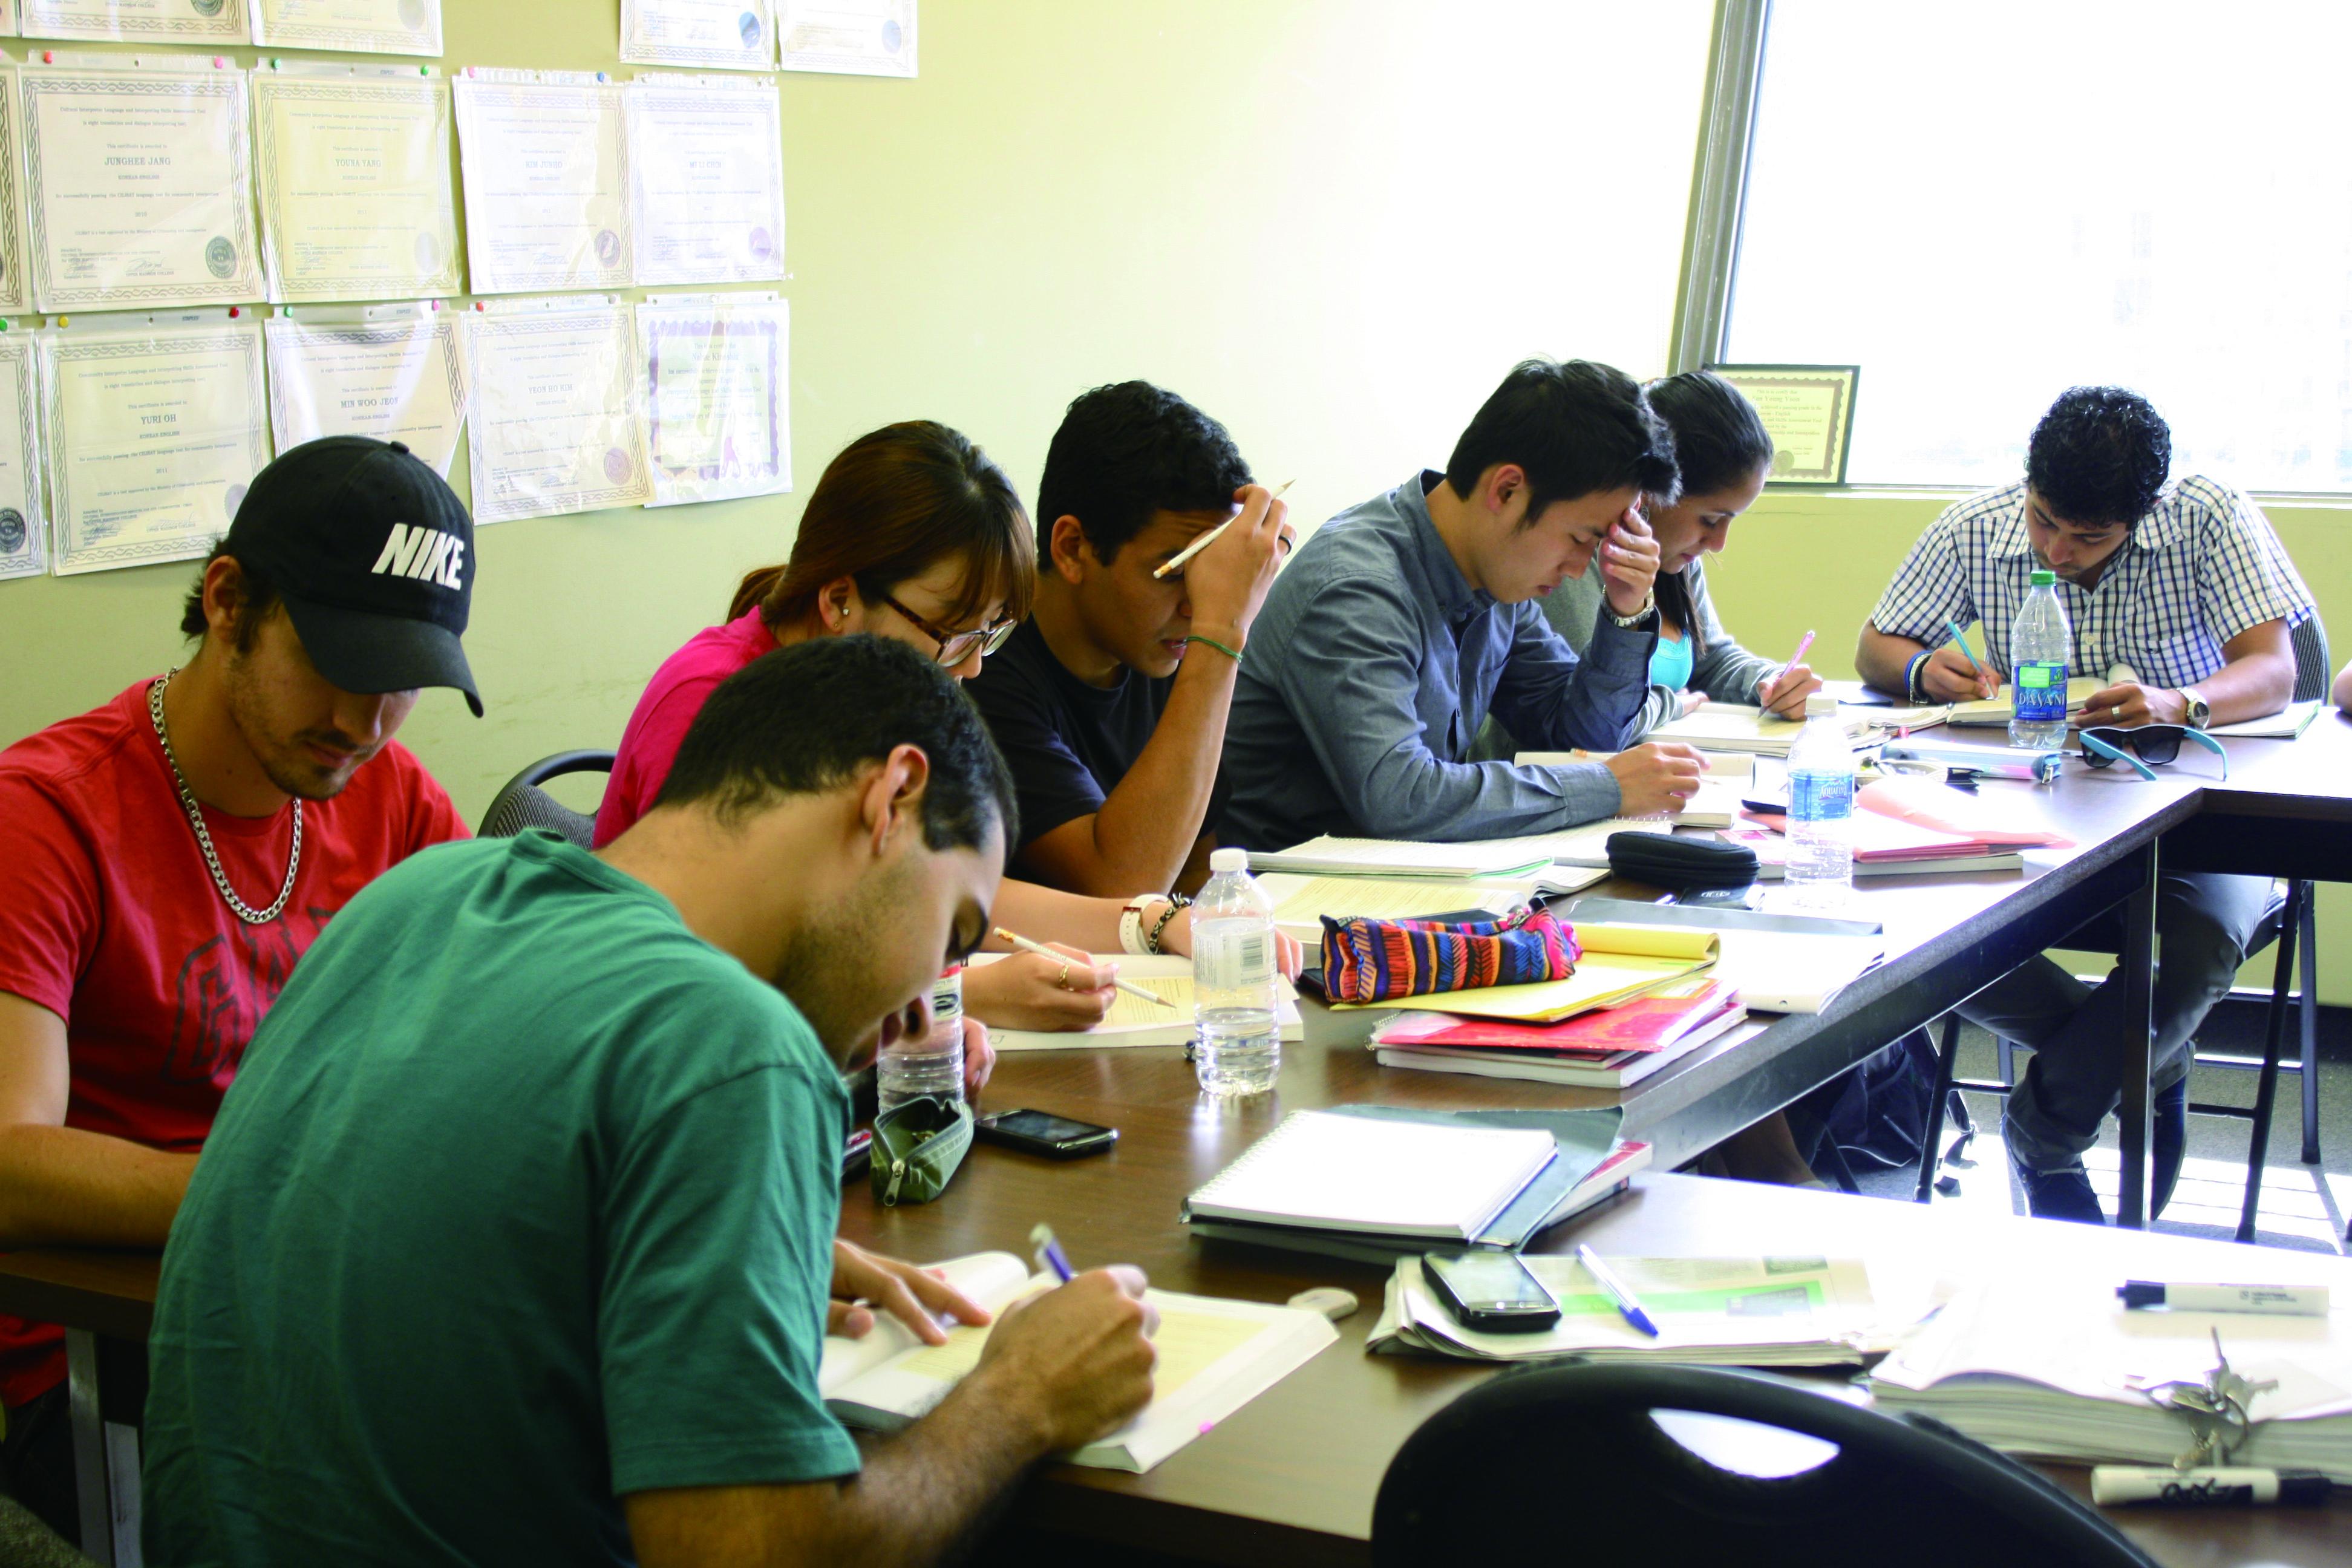 カナダ政府公認の日英バイリンガル試験合格を目指す。